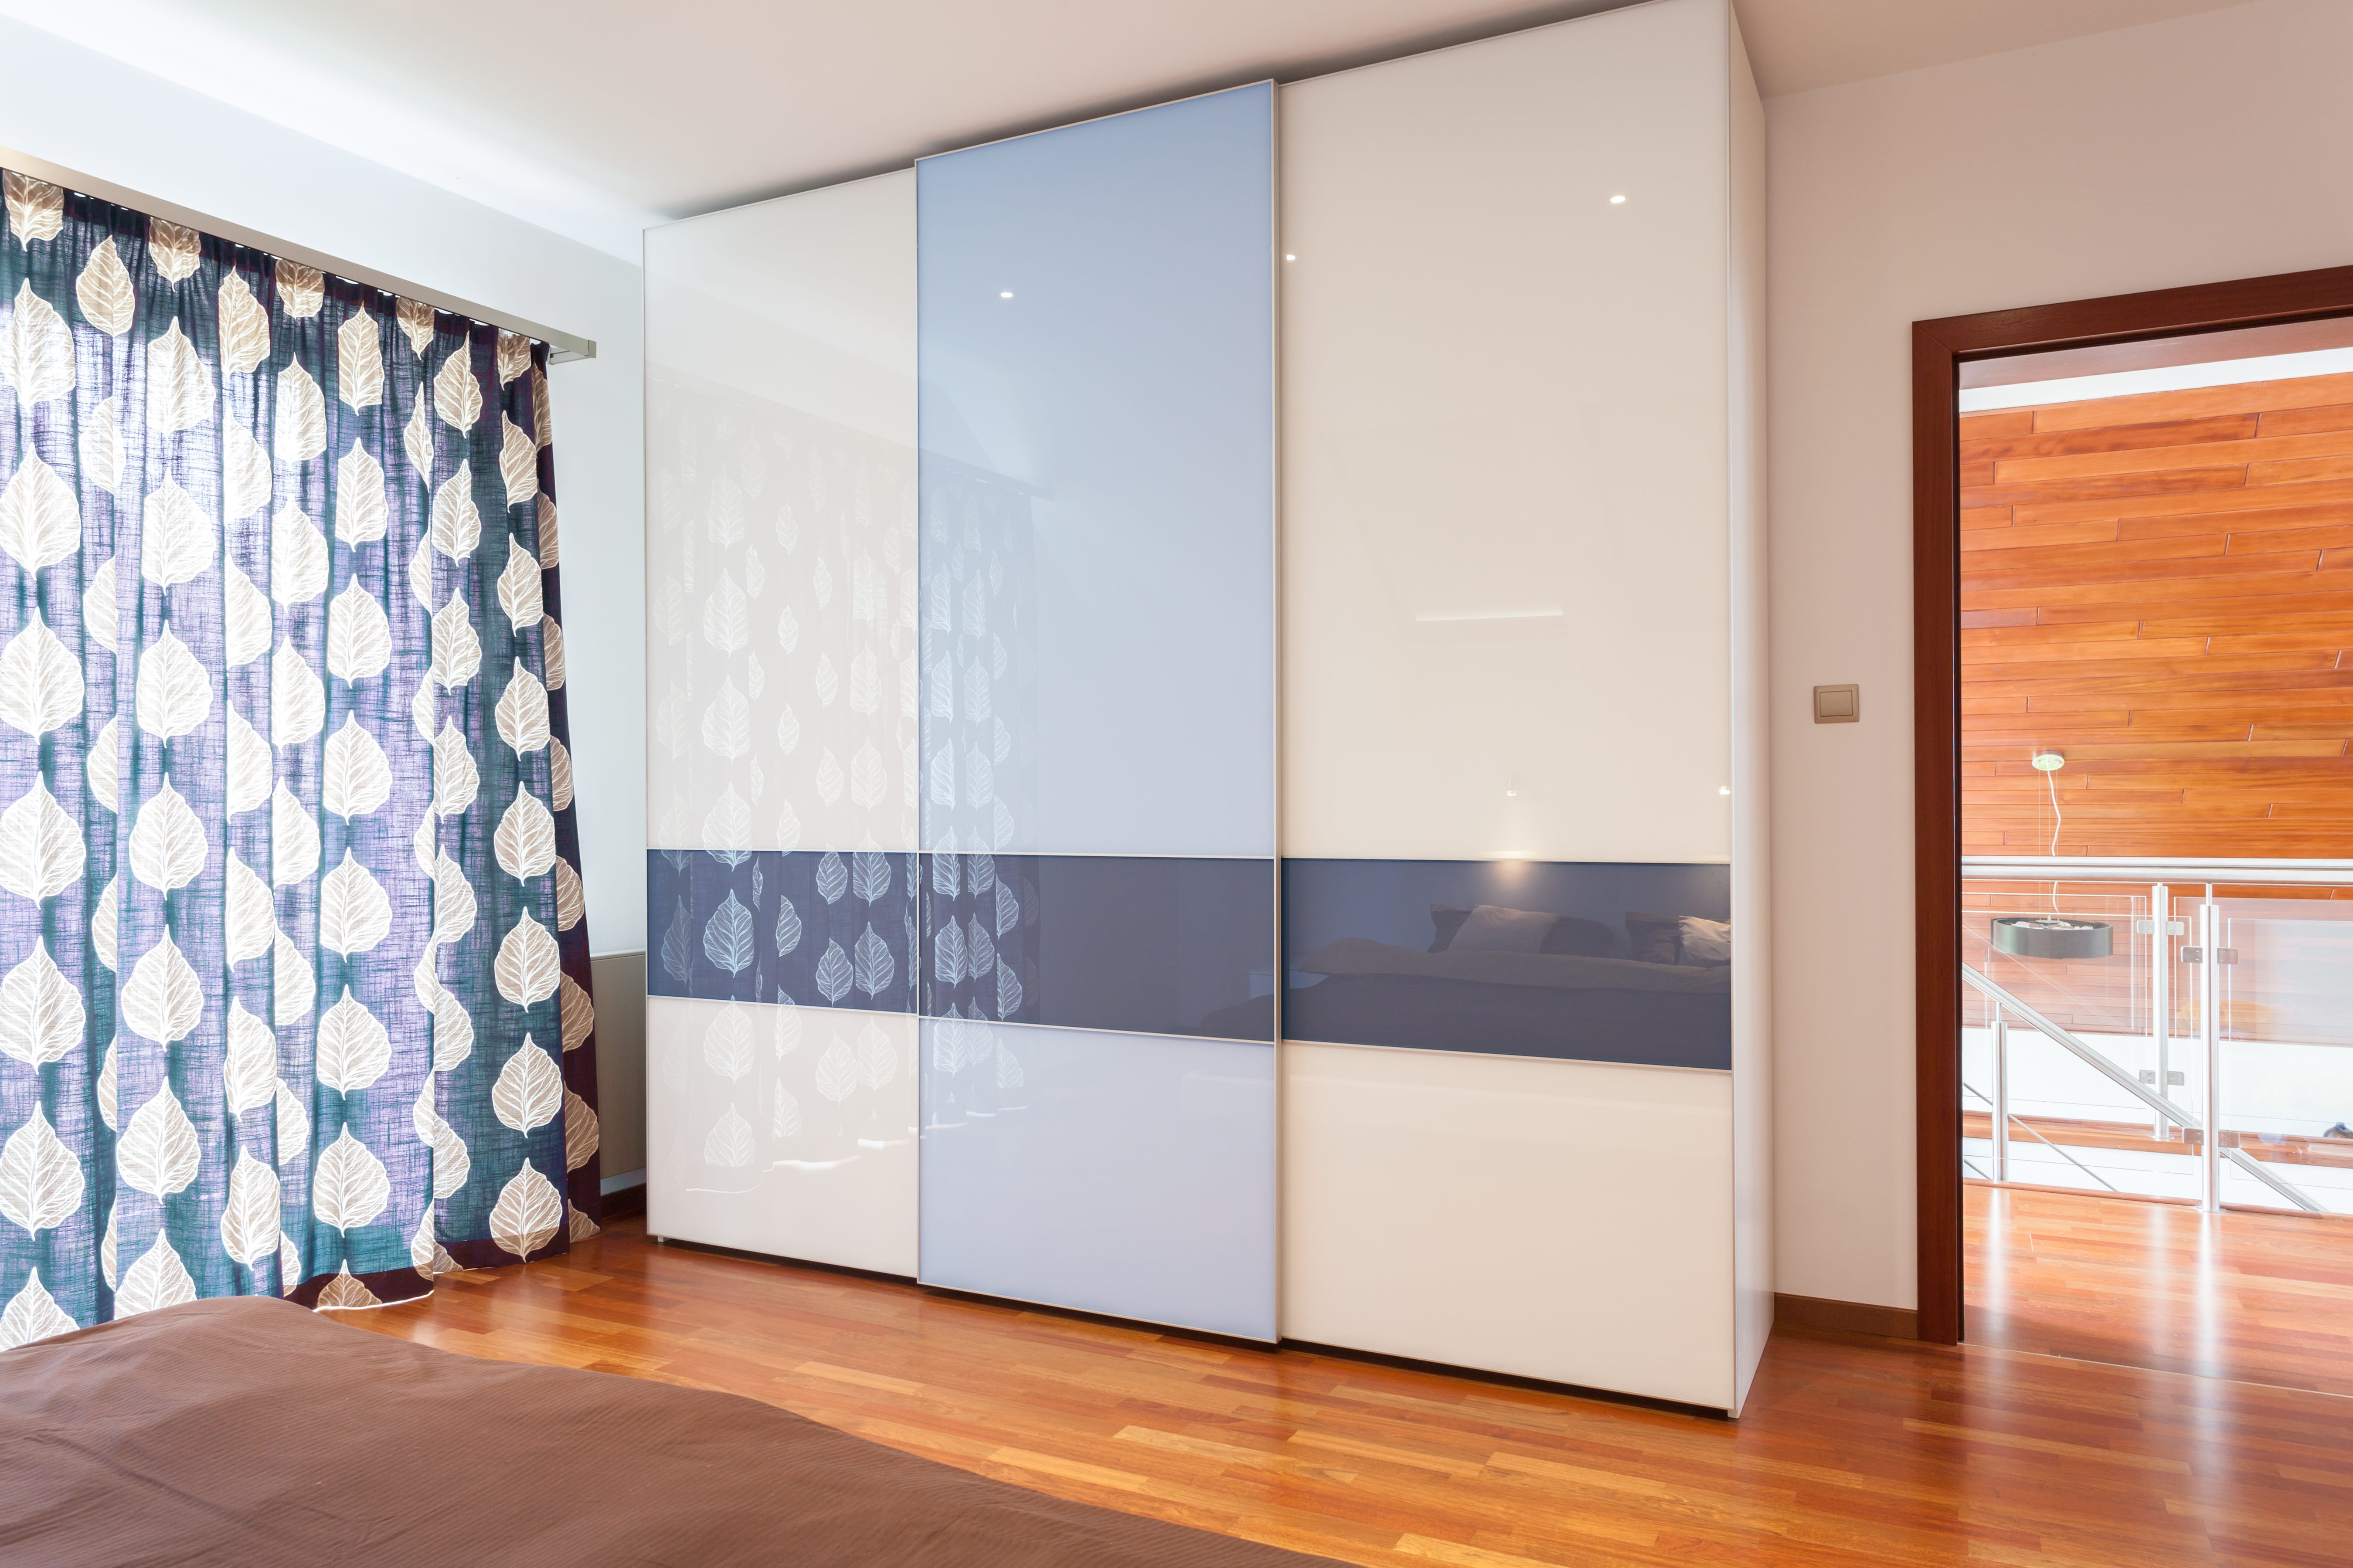 neuer kleiderschrank gesucht worauf sie vor dem kauf achten m ssen. Black Bedroom Furniture Sets. Home Design Ideas